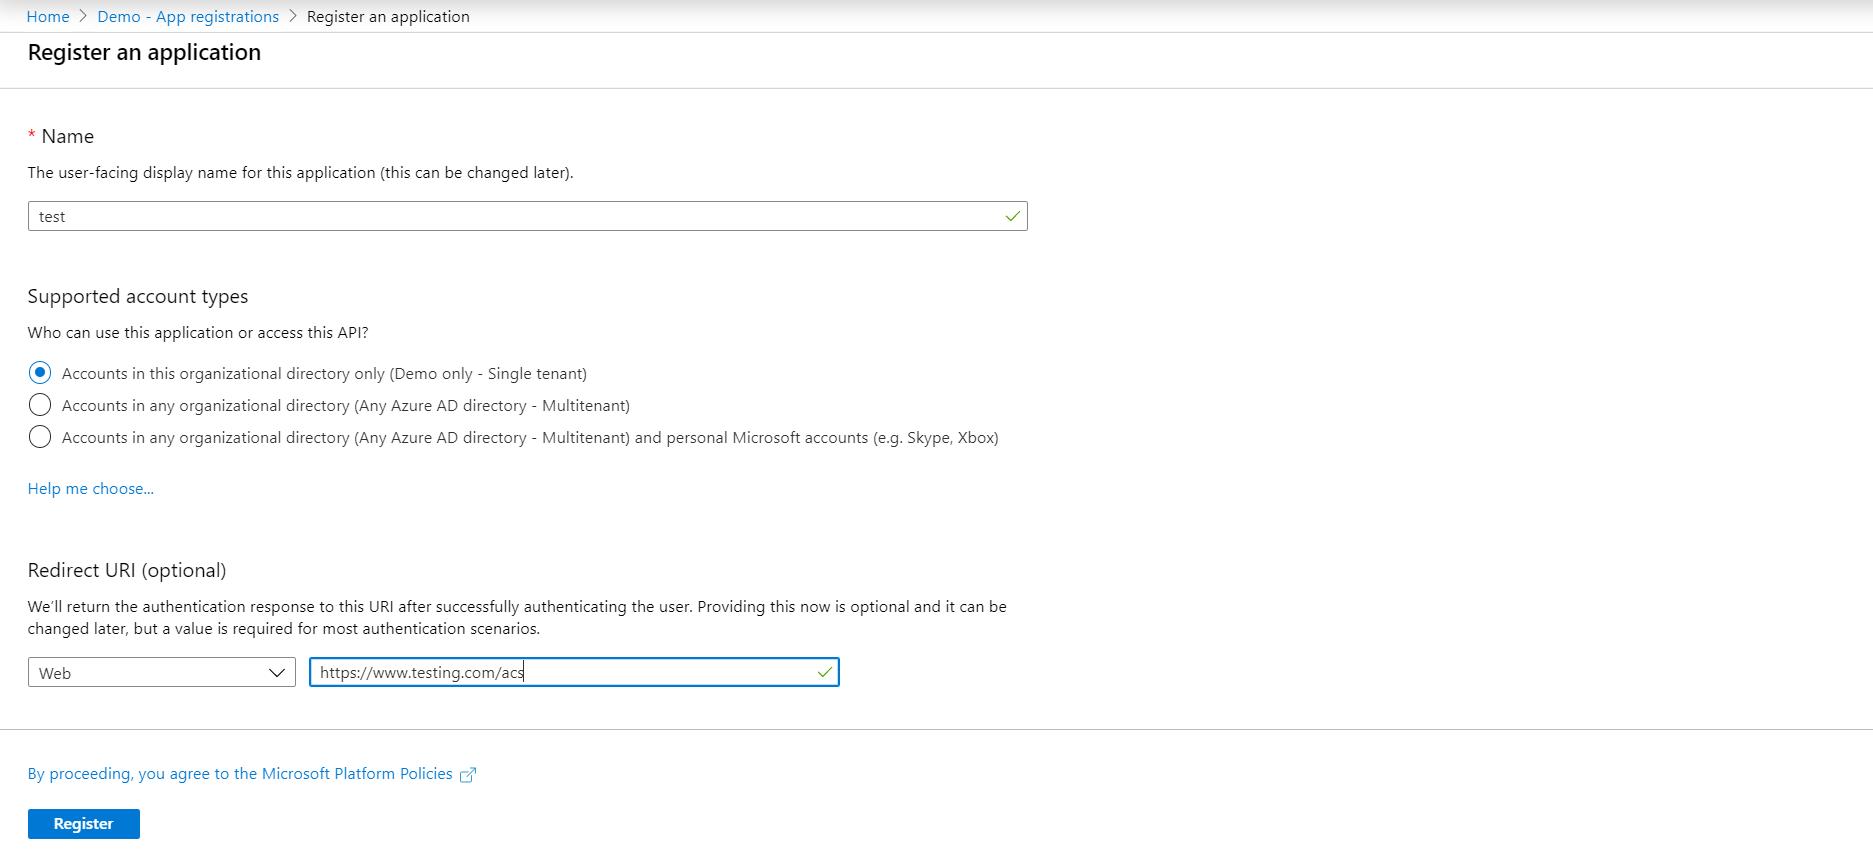 Drupal SAML Single Sign On (SSO) register an application